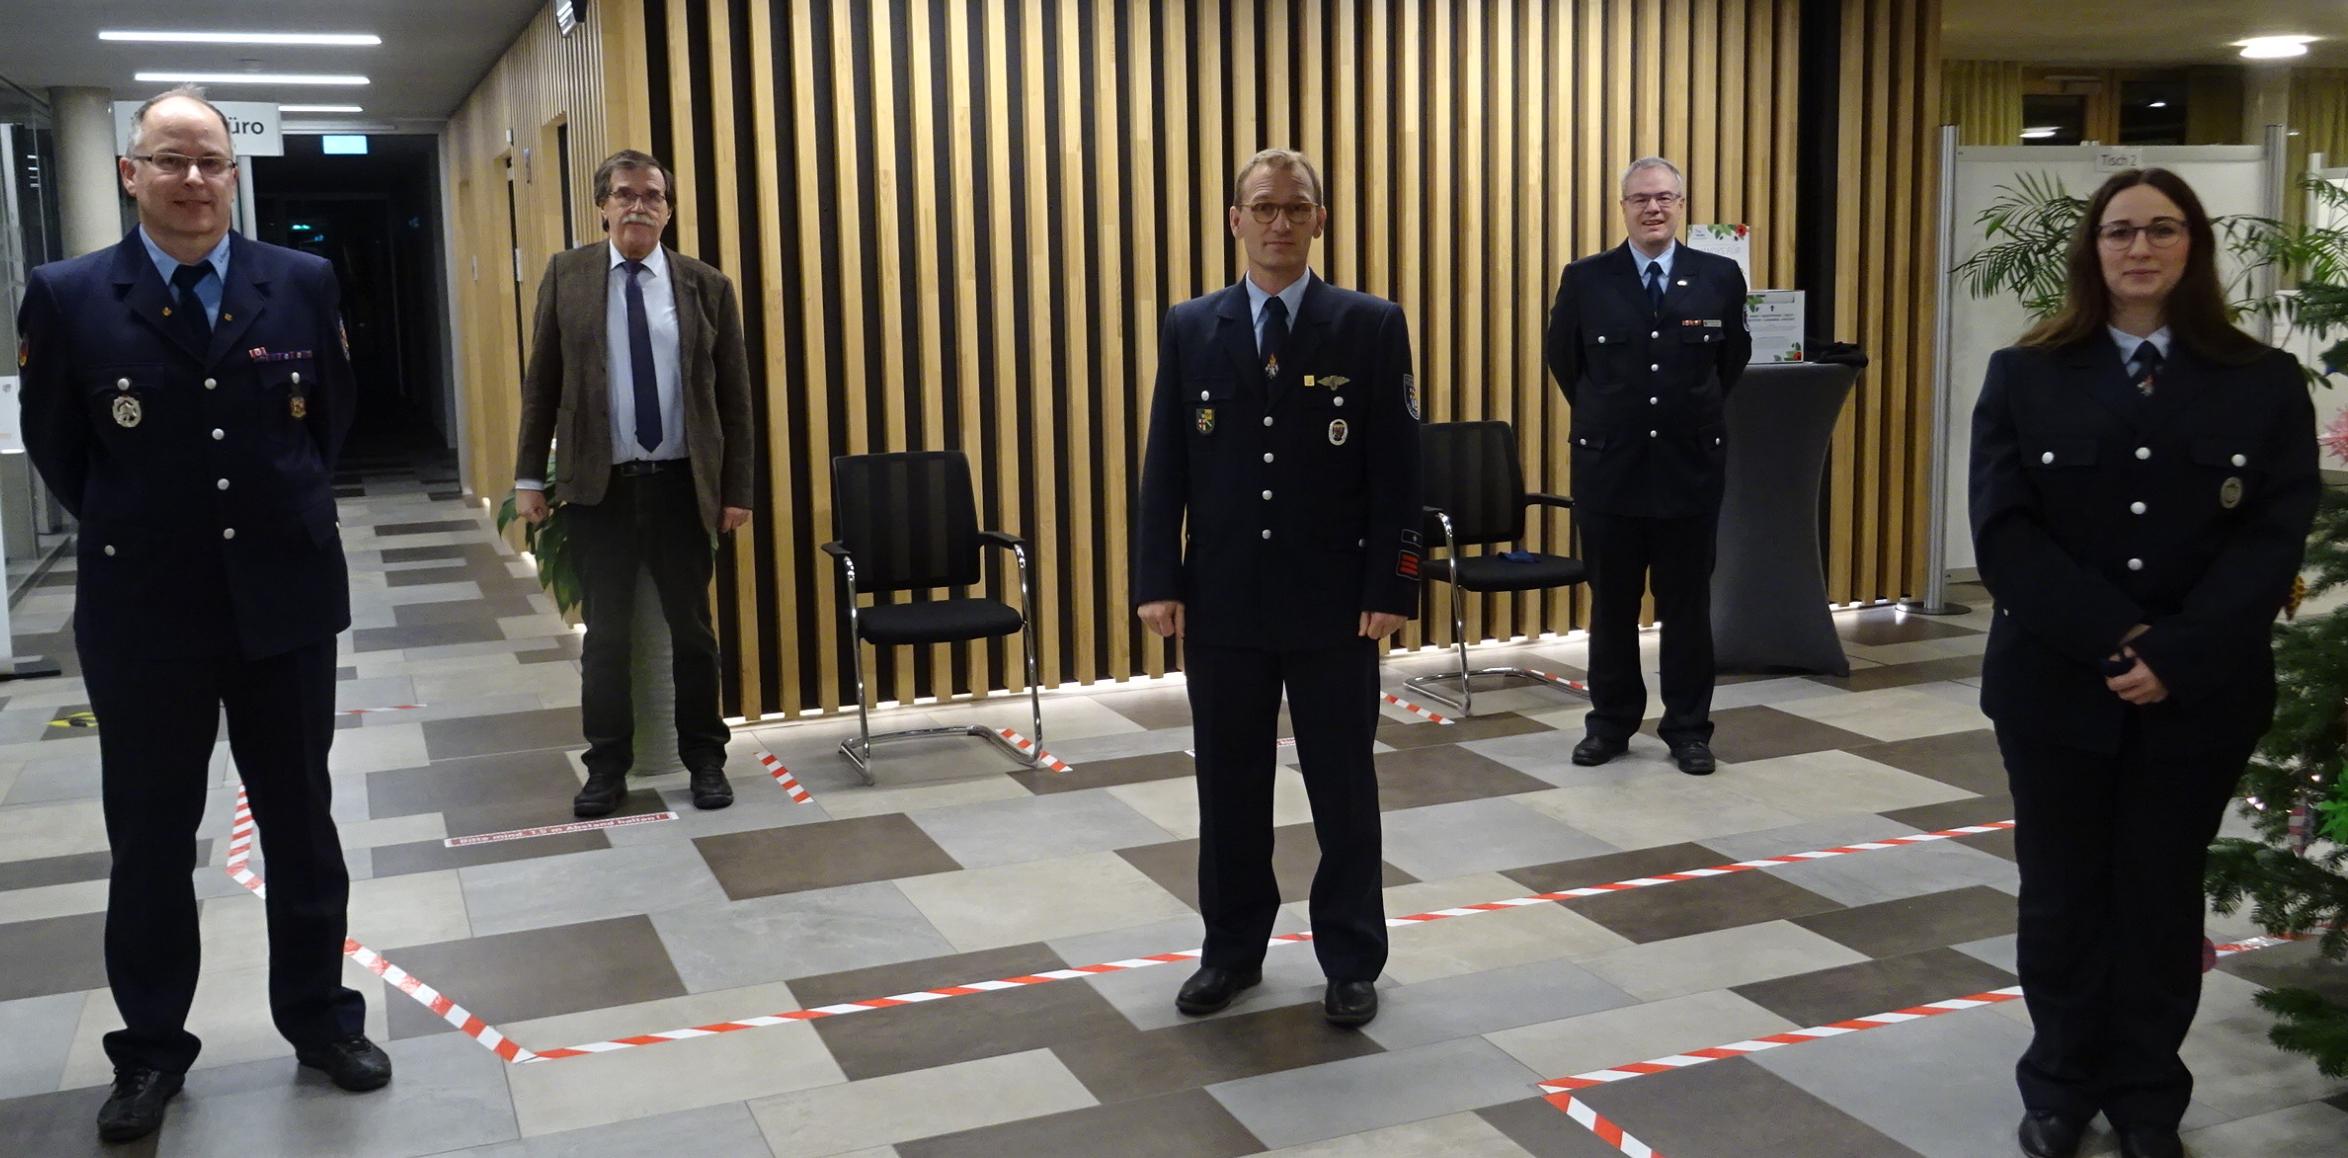 Foto zeigt die neuen Mitglieder Annika Heuft und Jörgn Wendling, Bürgermeister Klaus Bell, Wehrführer Dirk Schwindenhammer und stv. Wehrleiter Jörn Busenkell